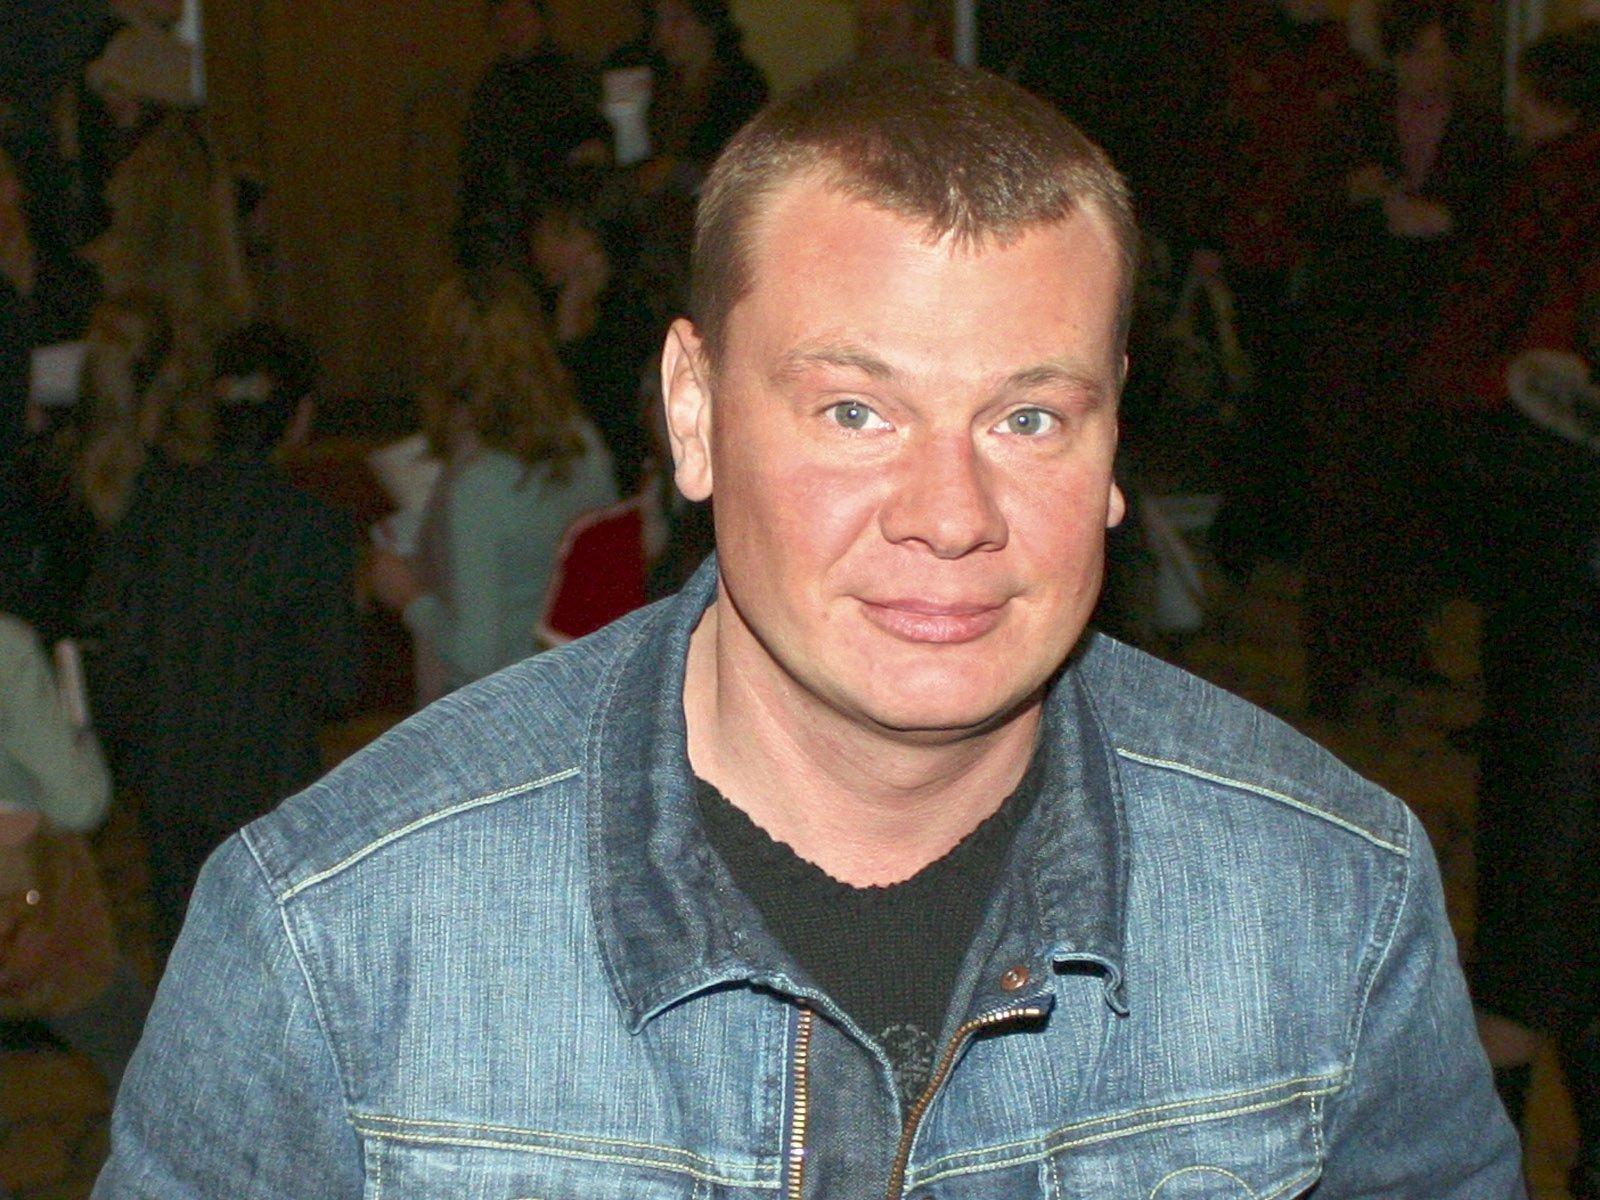 Владислав Галкин: биография, личная жизнь, семья, жена, дети — фото